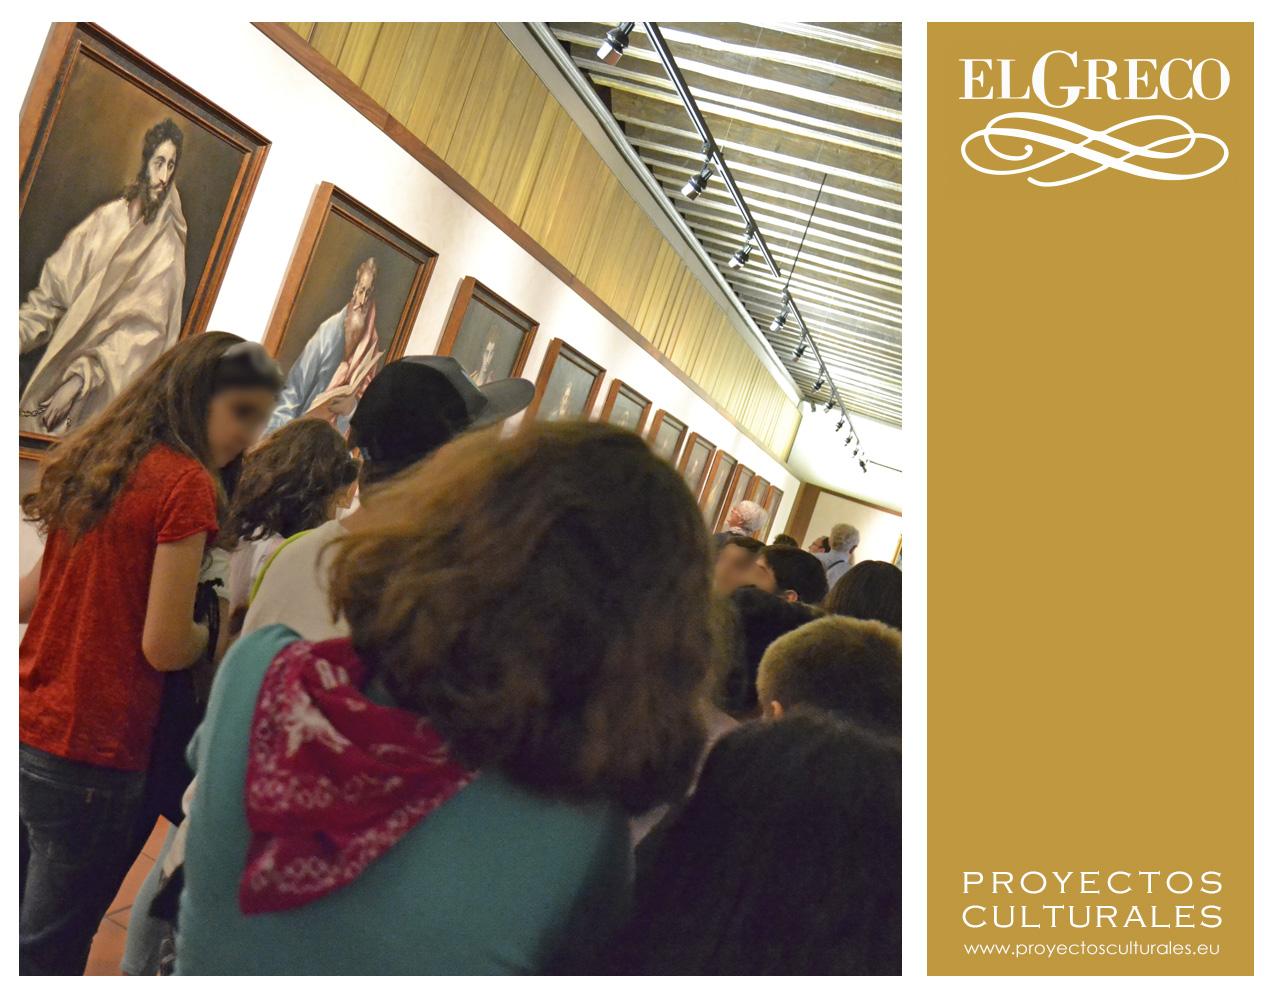 Compartimos con vosotros imágenes de la actividad didáctica Las calles del Greco, realizadas este curso 2013/14, coincidiendo con el IV Centenario del Greco